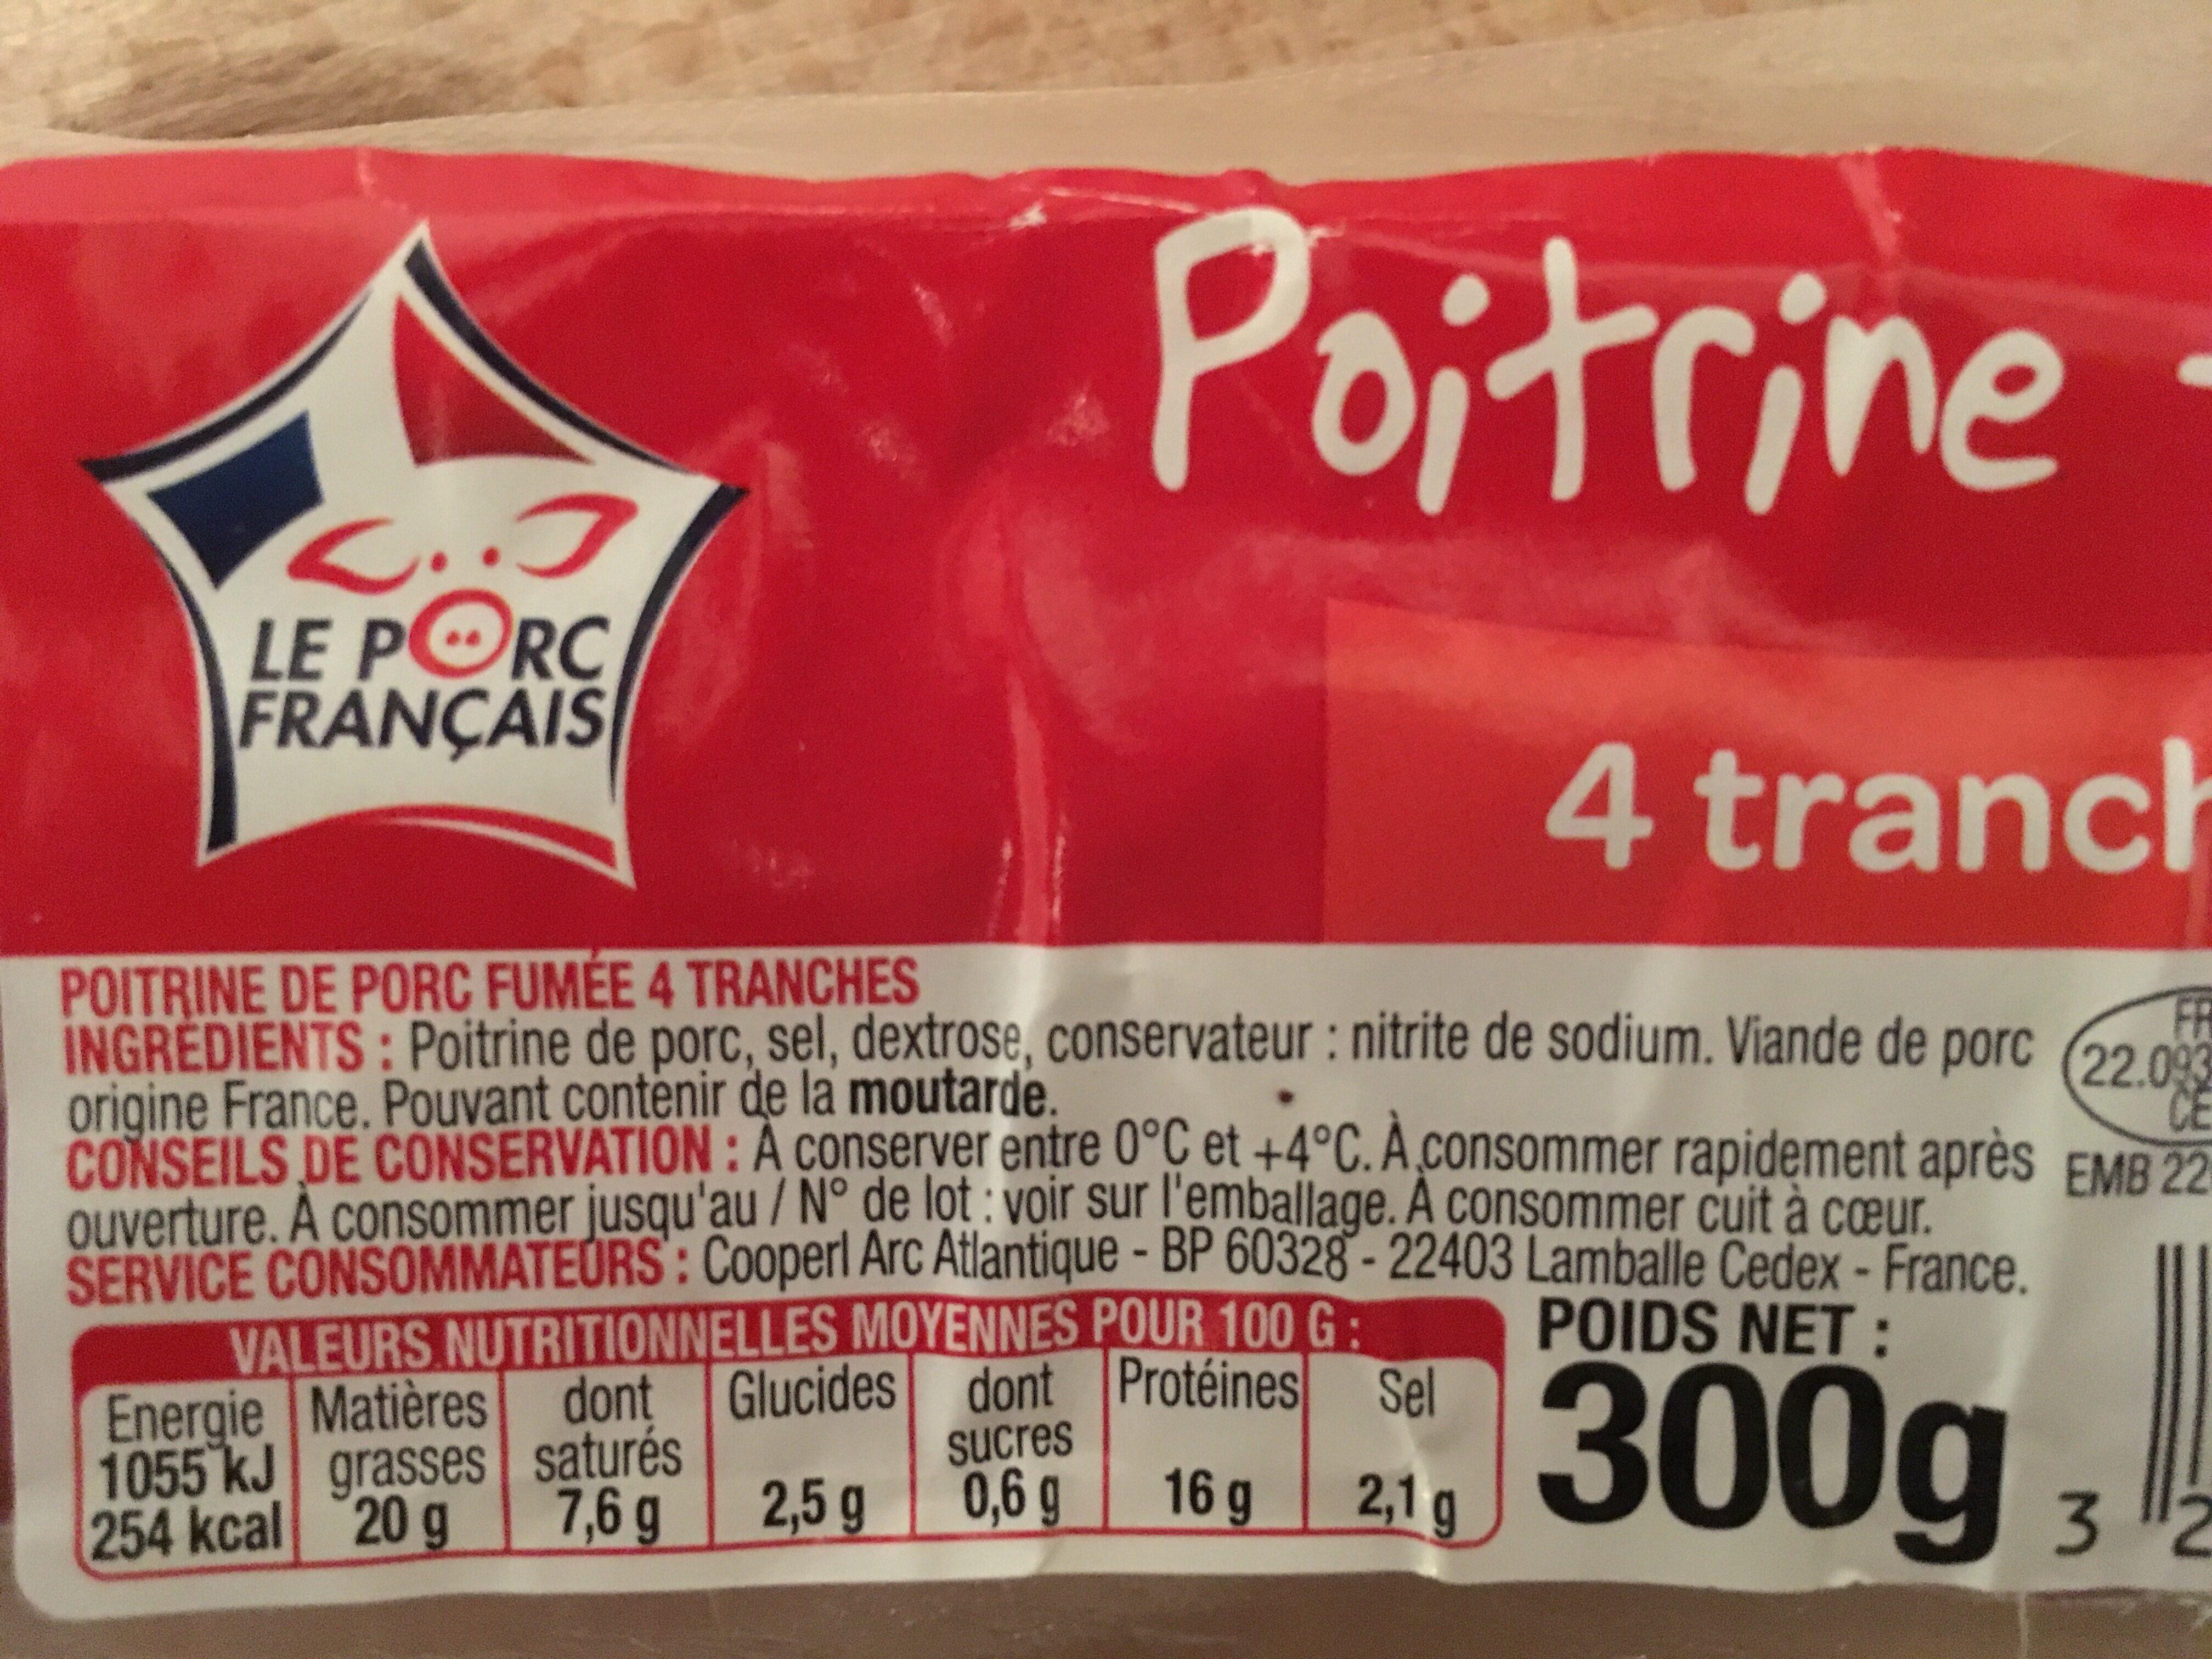 Poitrine fumee - Ingrédients - fr